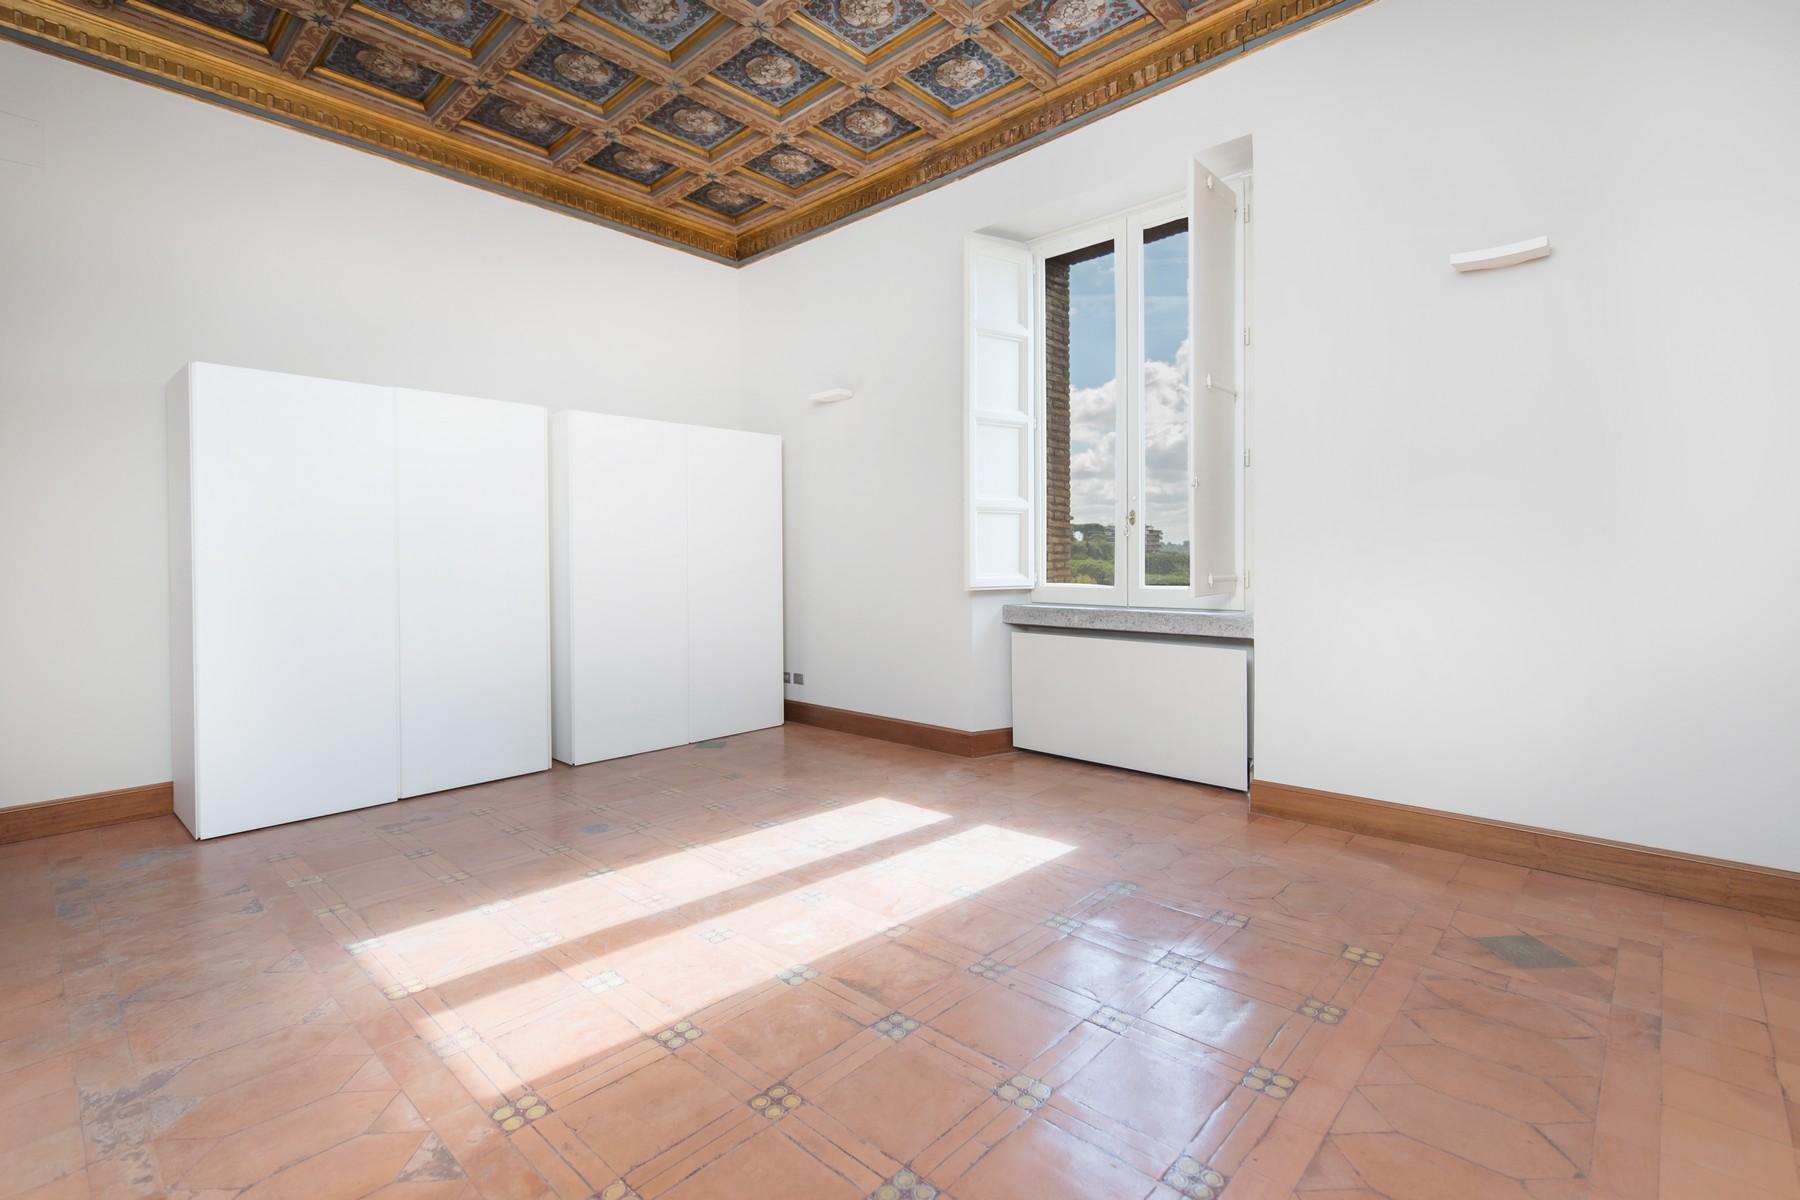 位于著名的Brasini别墅内的优雅的公寓 - 5